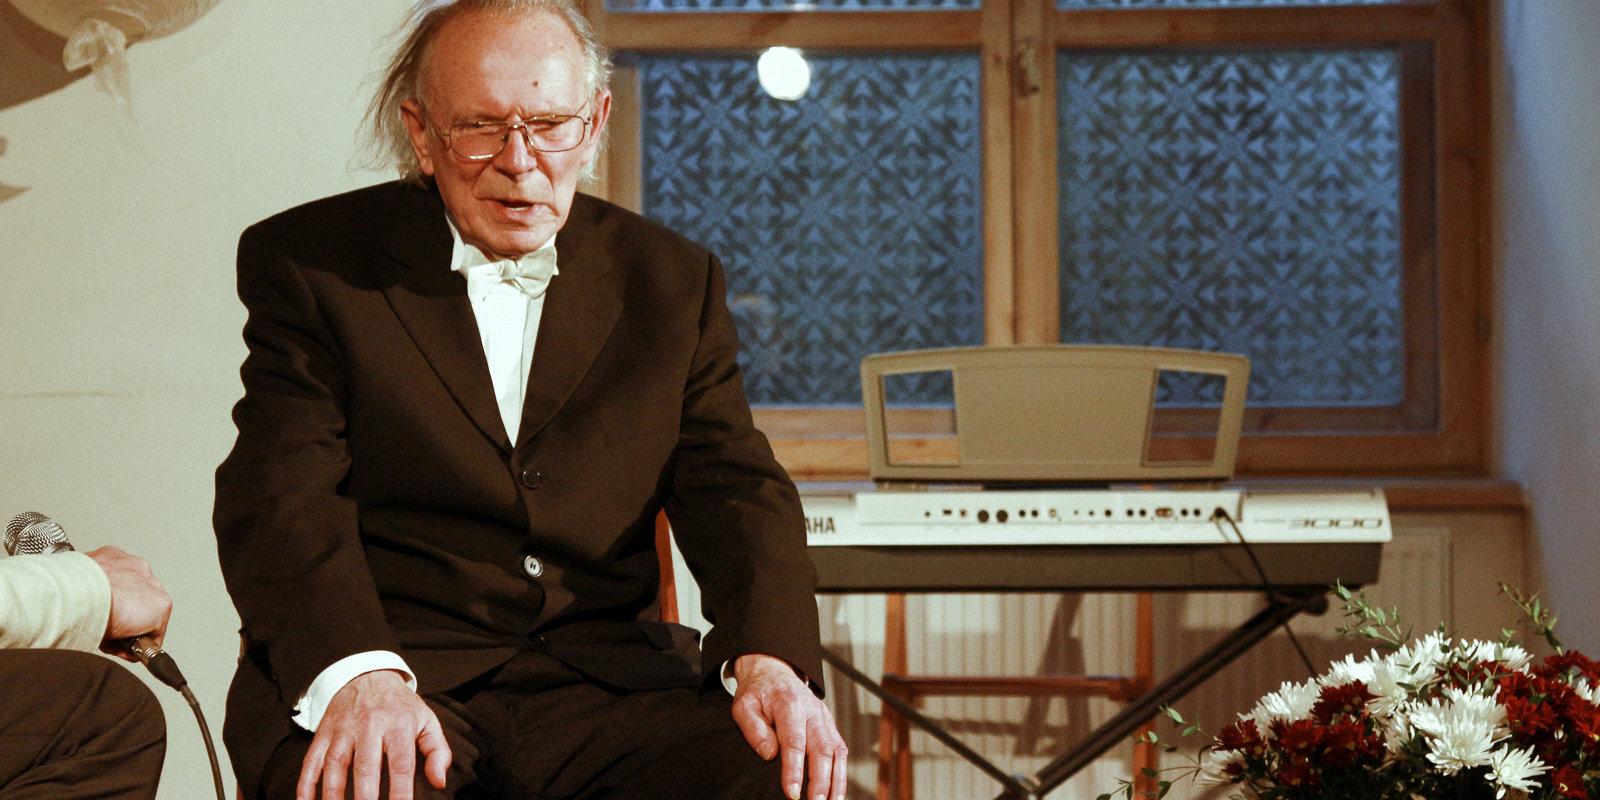 'Brīnumi notiek' – luterāņu mācītājs 97 gadu vecumā izārstējas no smaga Covid-19